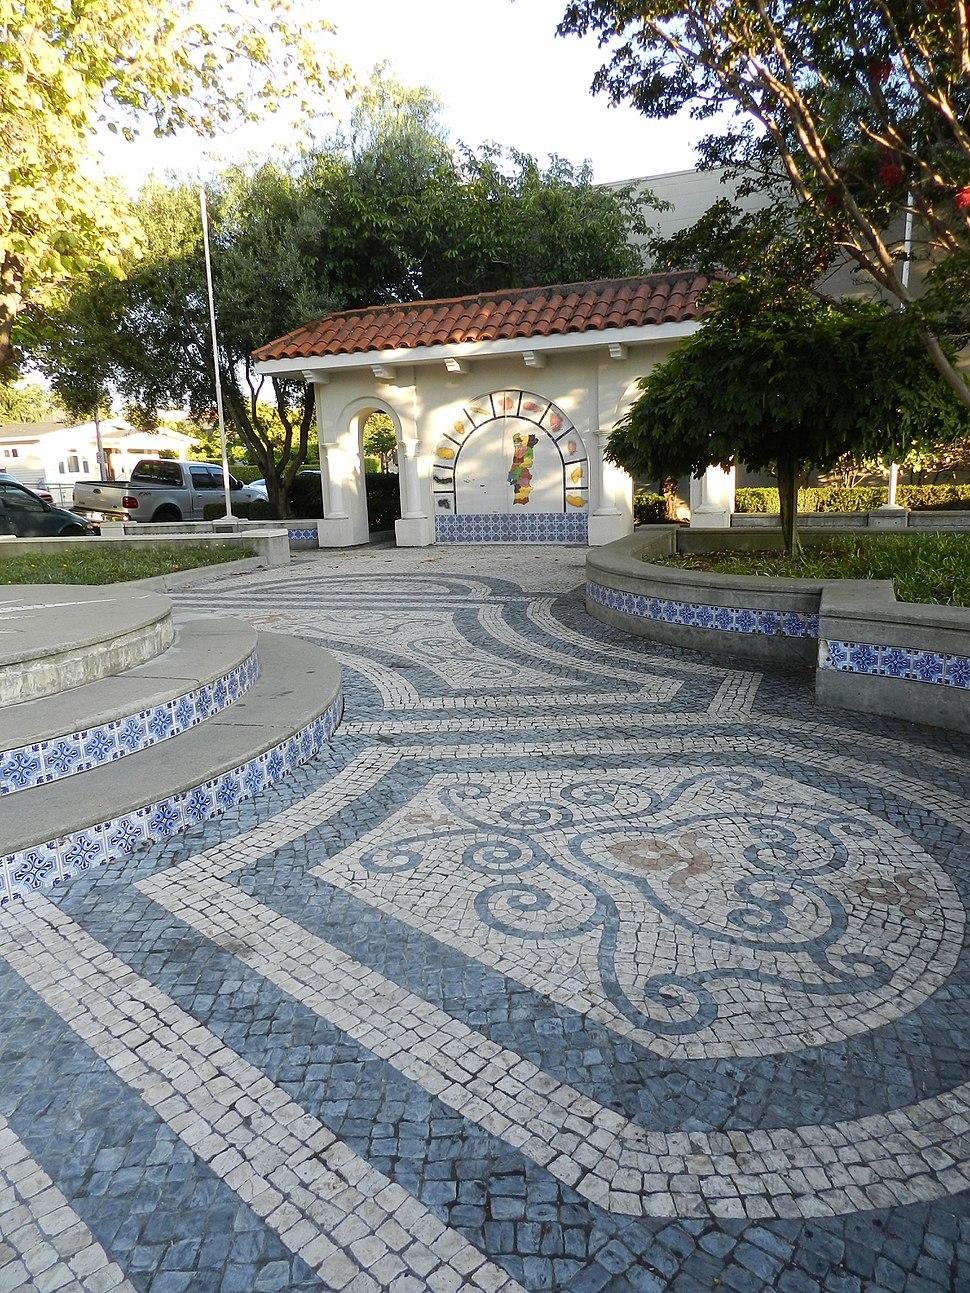 Portugueseparkhaywardcalifornia